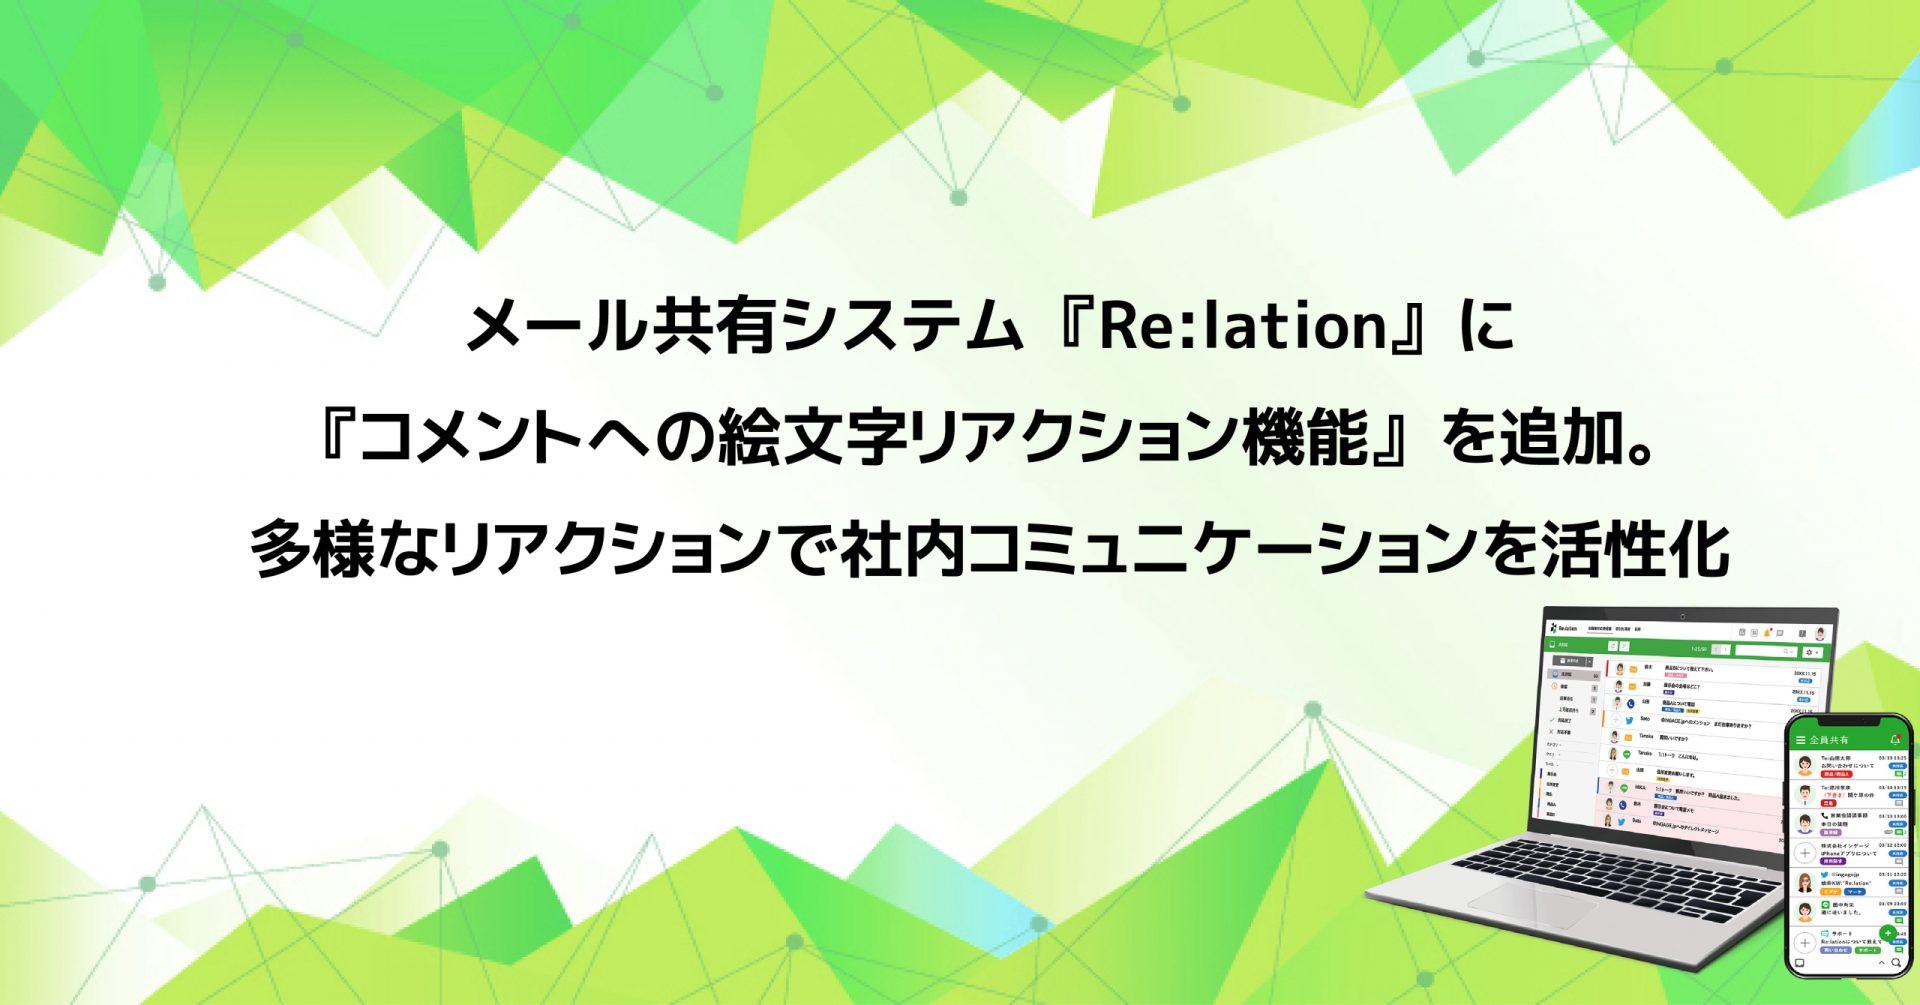 メール共有システム『Re:lation』に『コメントへの絵文字リアクション機能』を追加。多様なリアクションで社内コミュニケーションを活性化